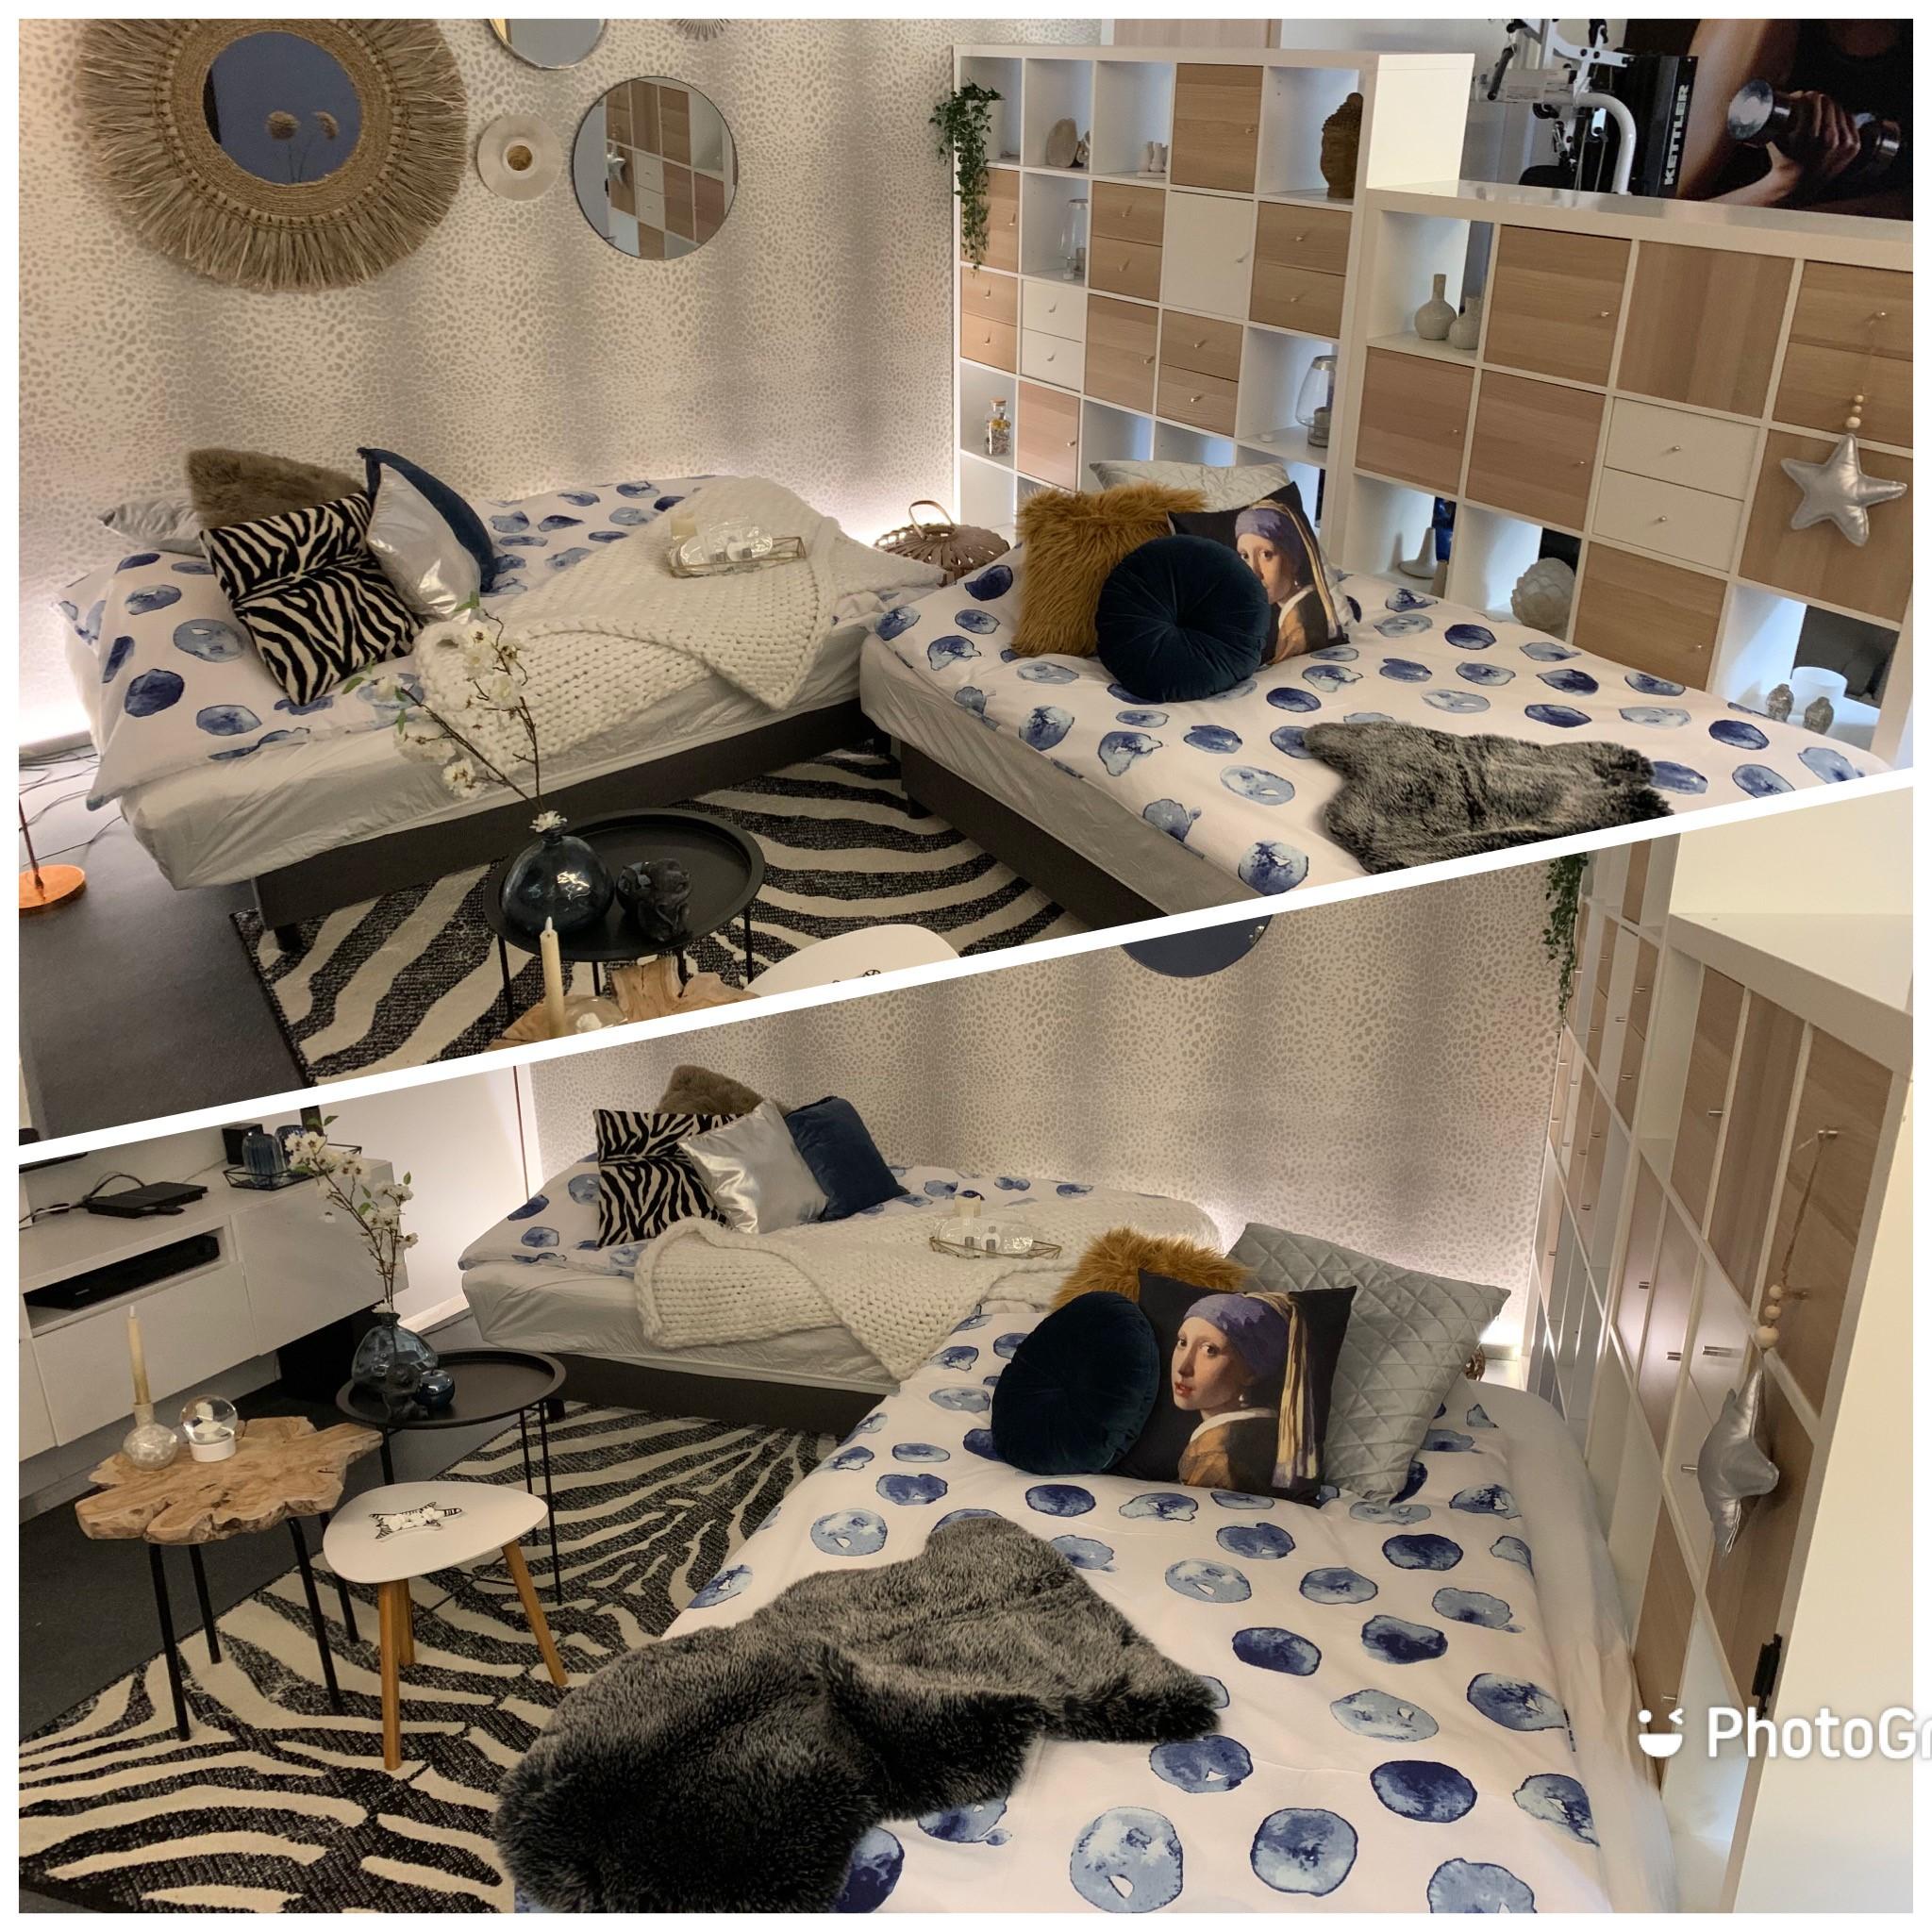 210512 bed/slaapbank gereed voor onze gasten APP+